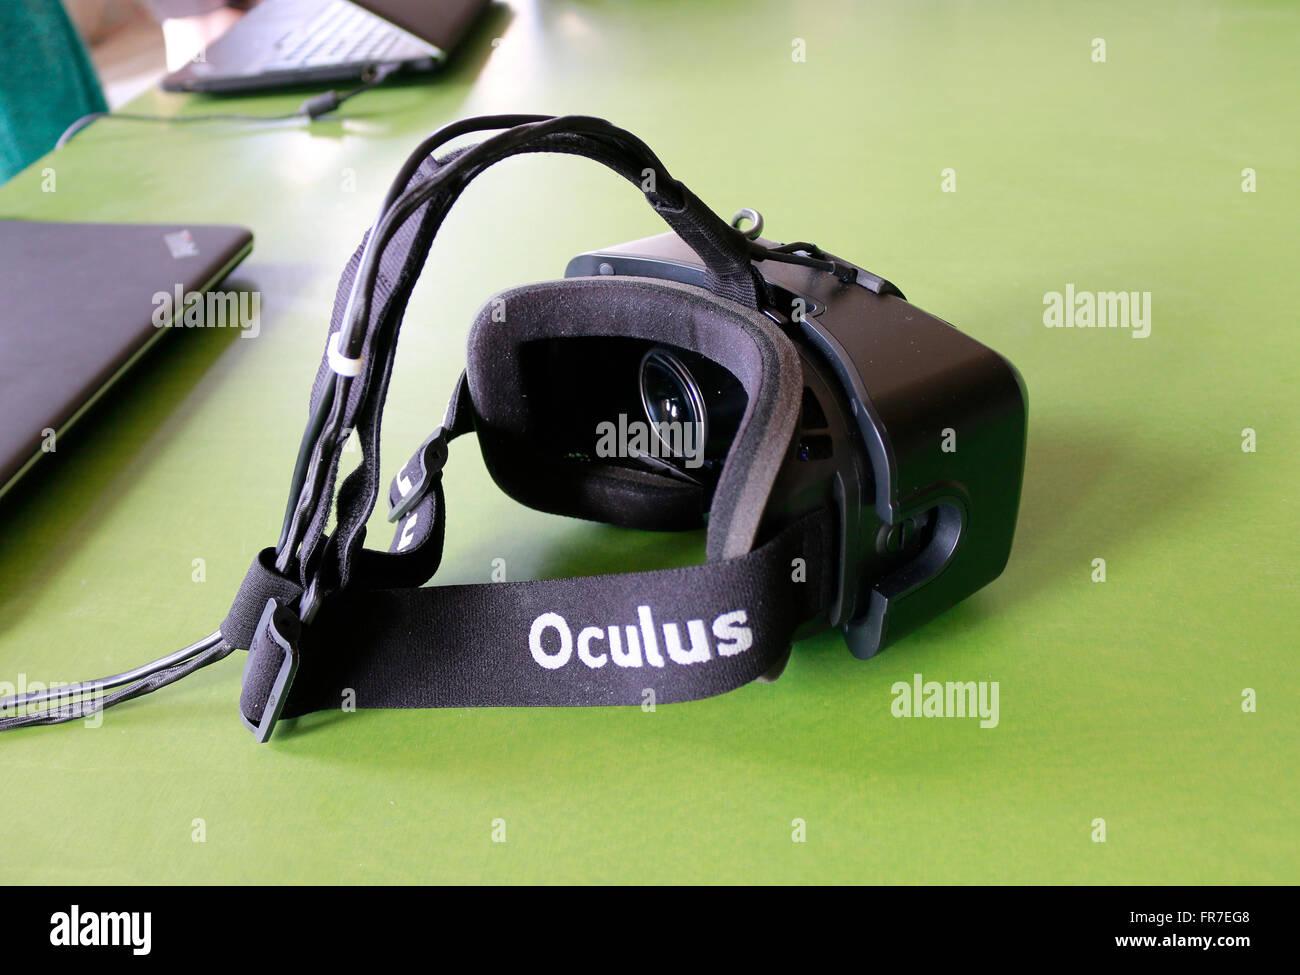 eine VR-Virual Reality Datenbrille, Berlin. Stock Photo